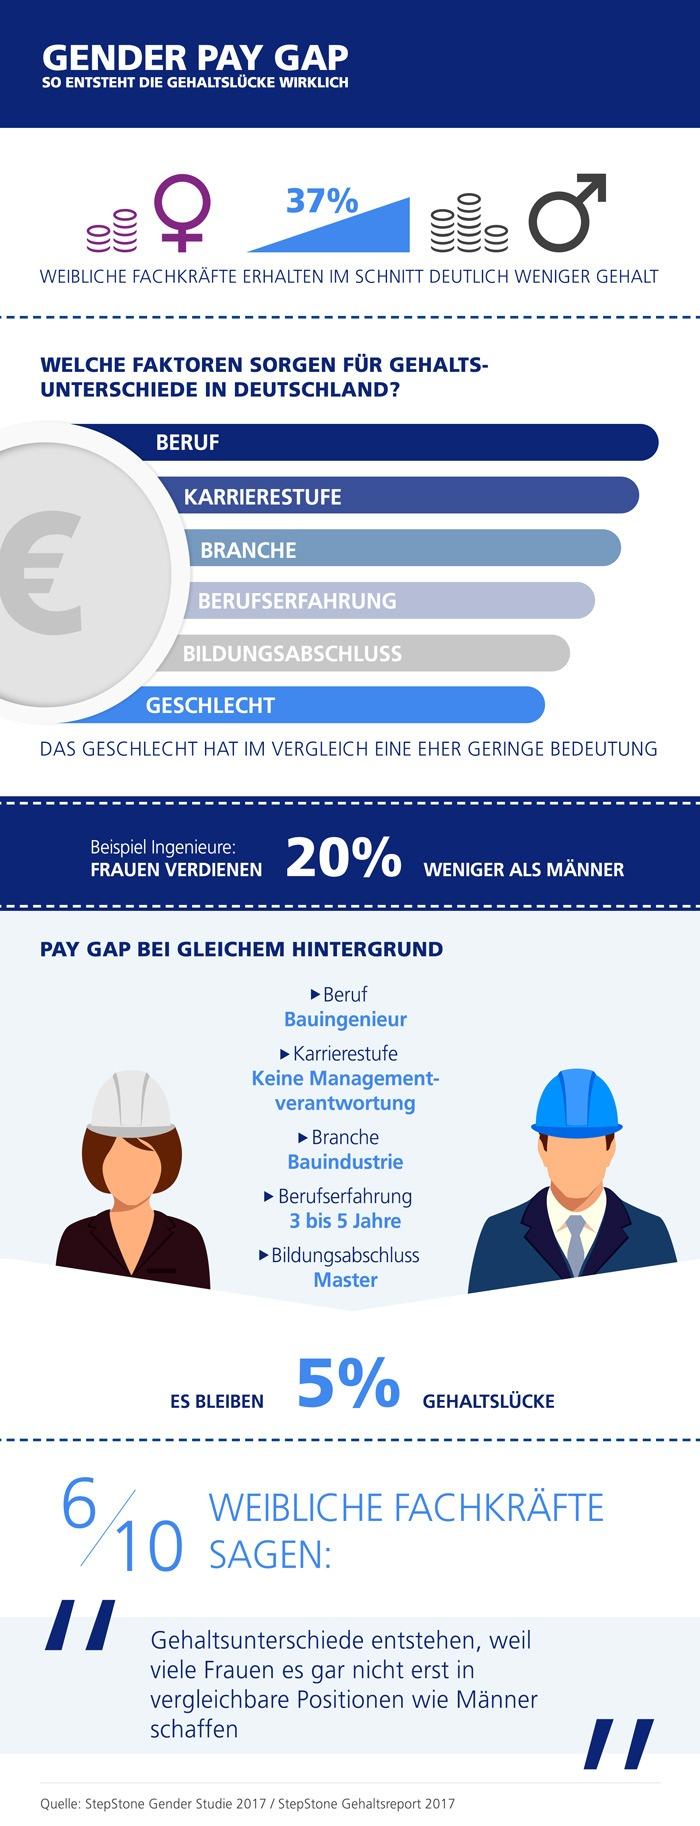 equal-pay-day-gleiche-bezahlung-bei-gleicher-arbeit-allein-kann-die-luecke-nicht-schliessen